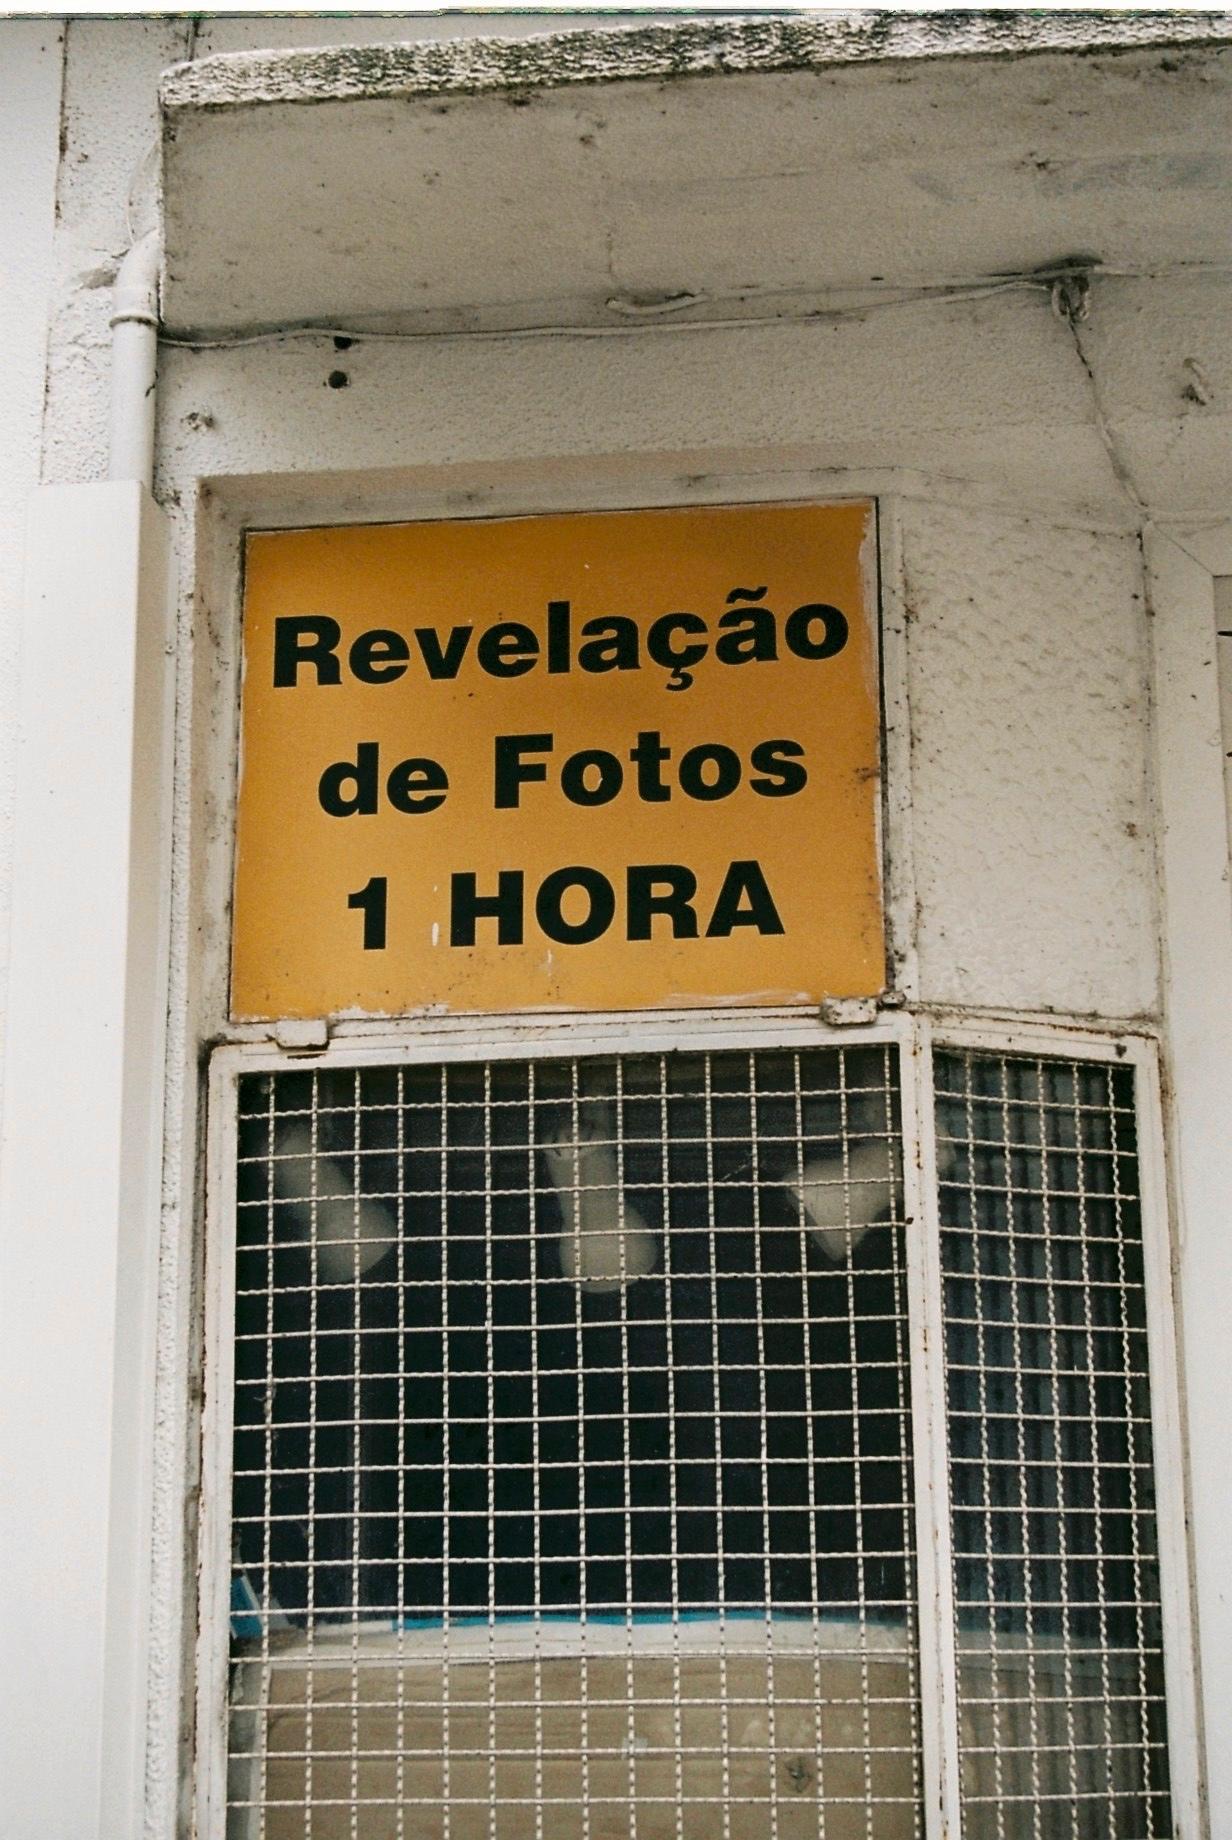 Coimbra 08-2019 - 18 of 62